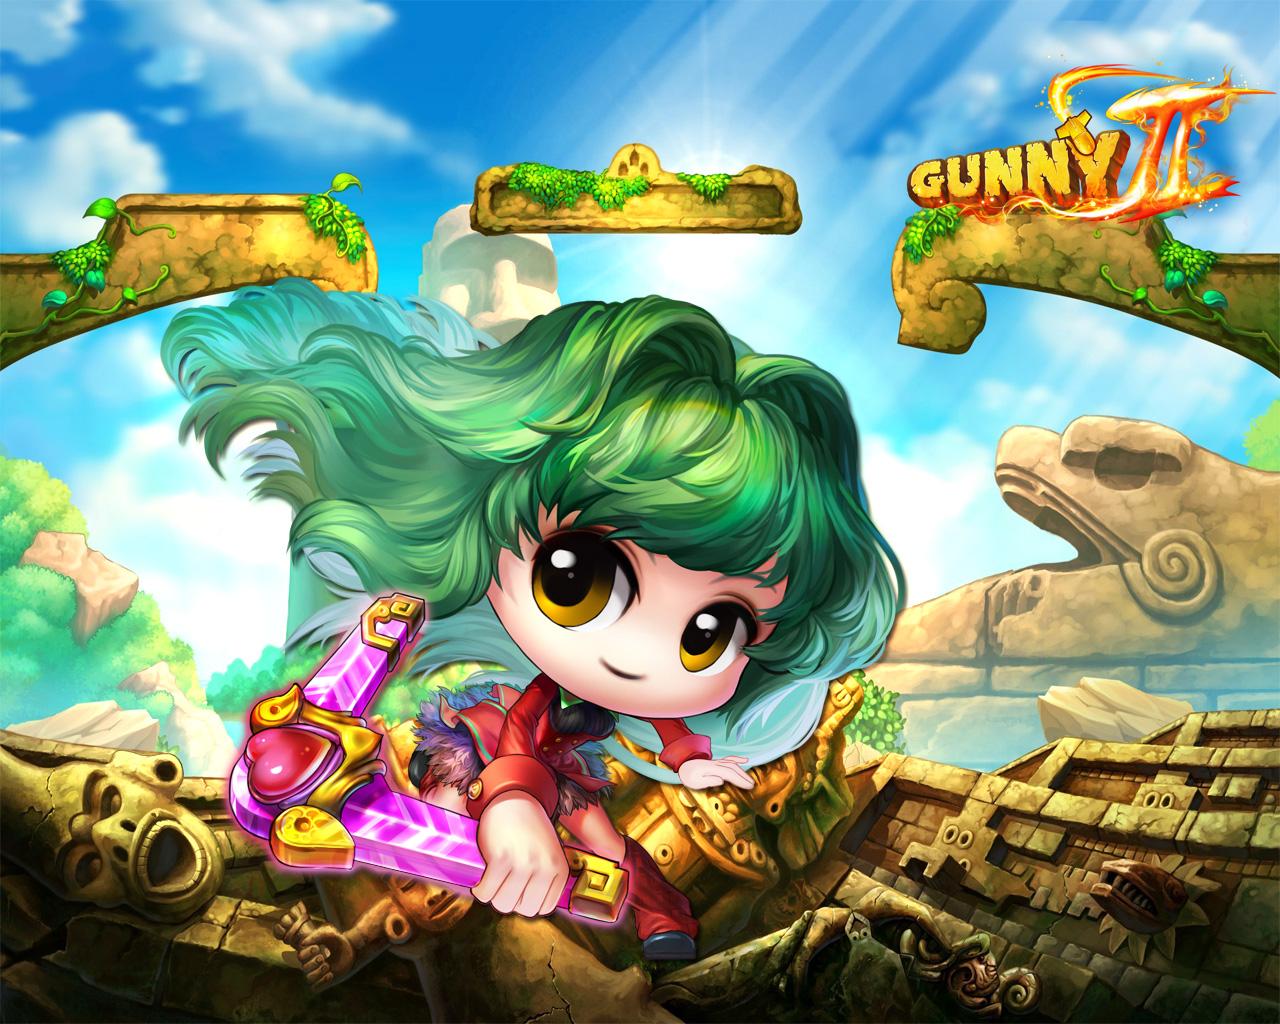 Bộ hình nền đẹp tuyệt của Gunny 2 - Ảnh 9